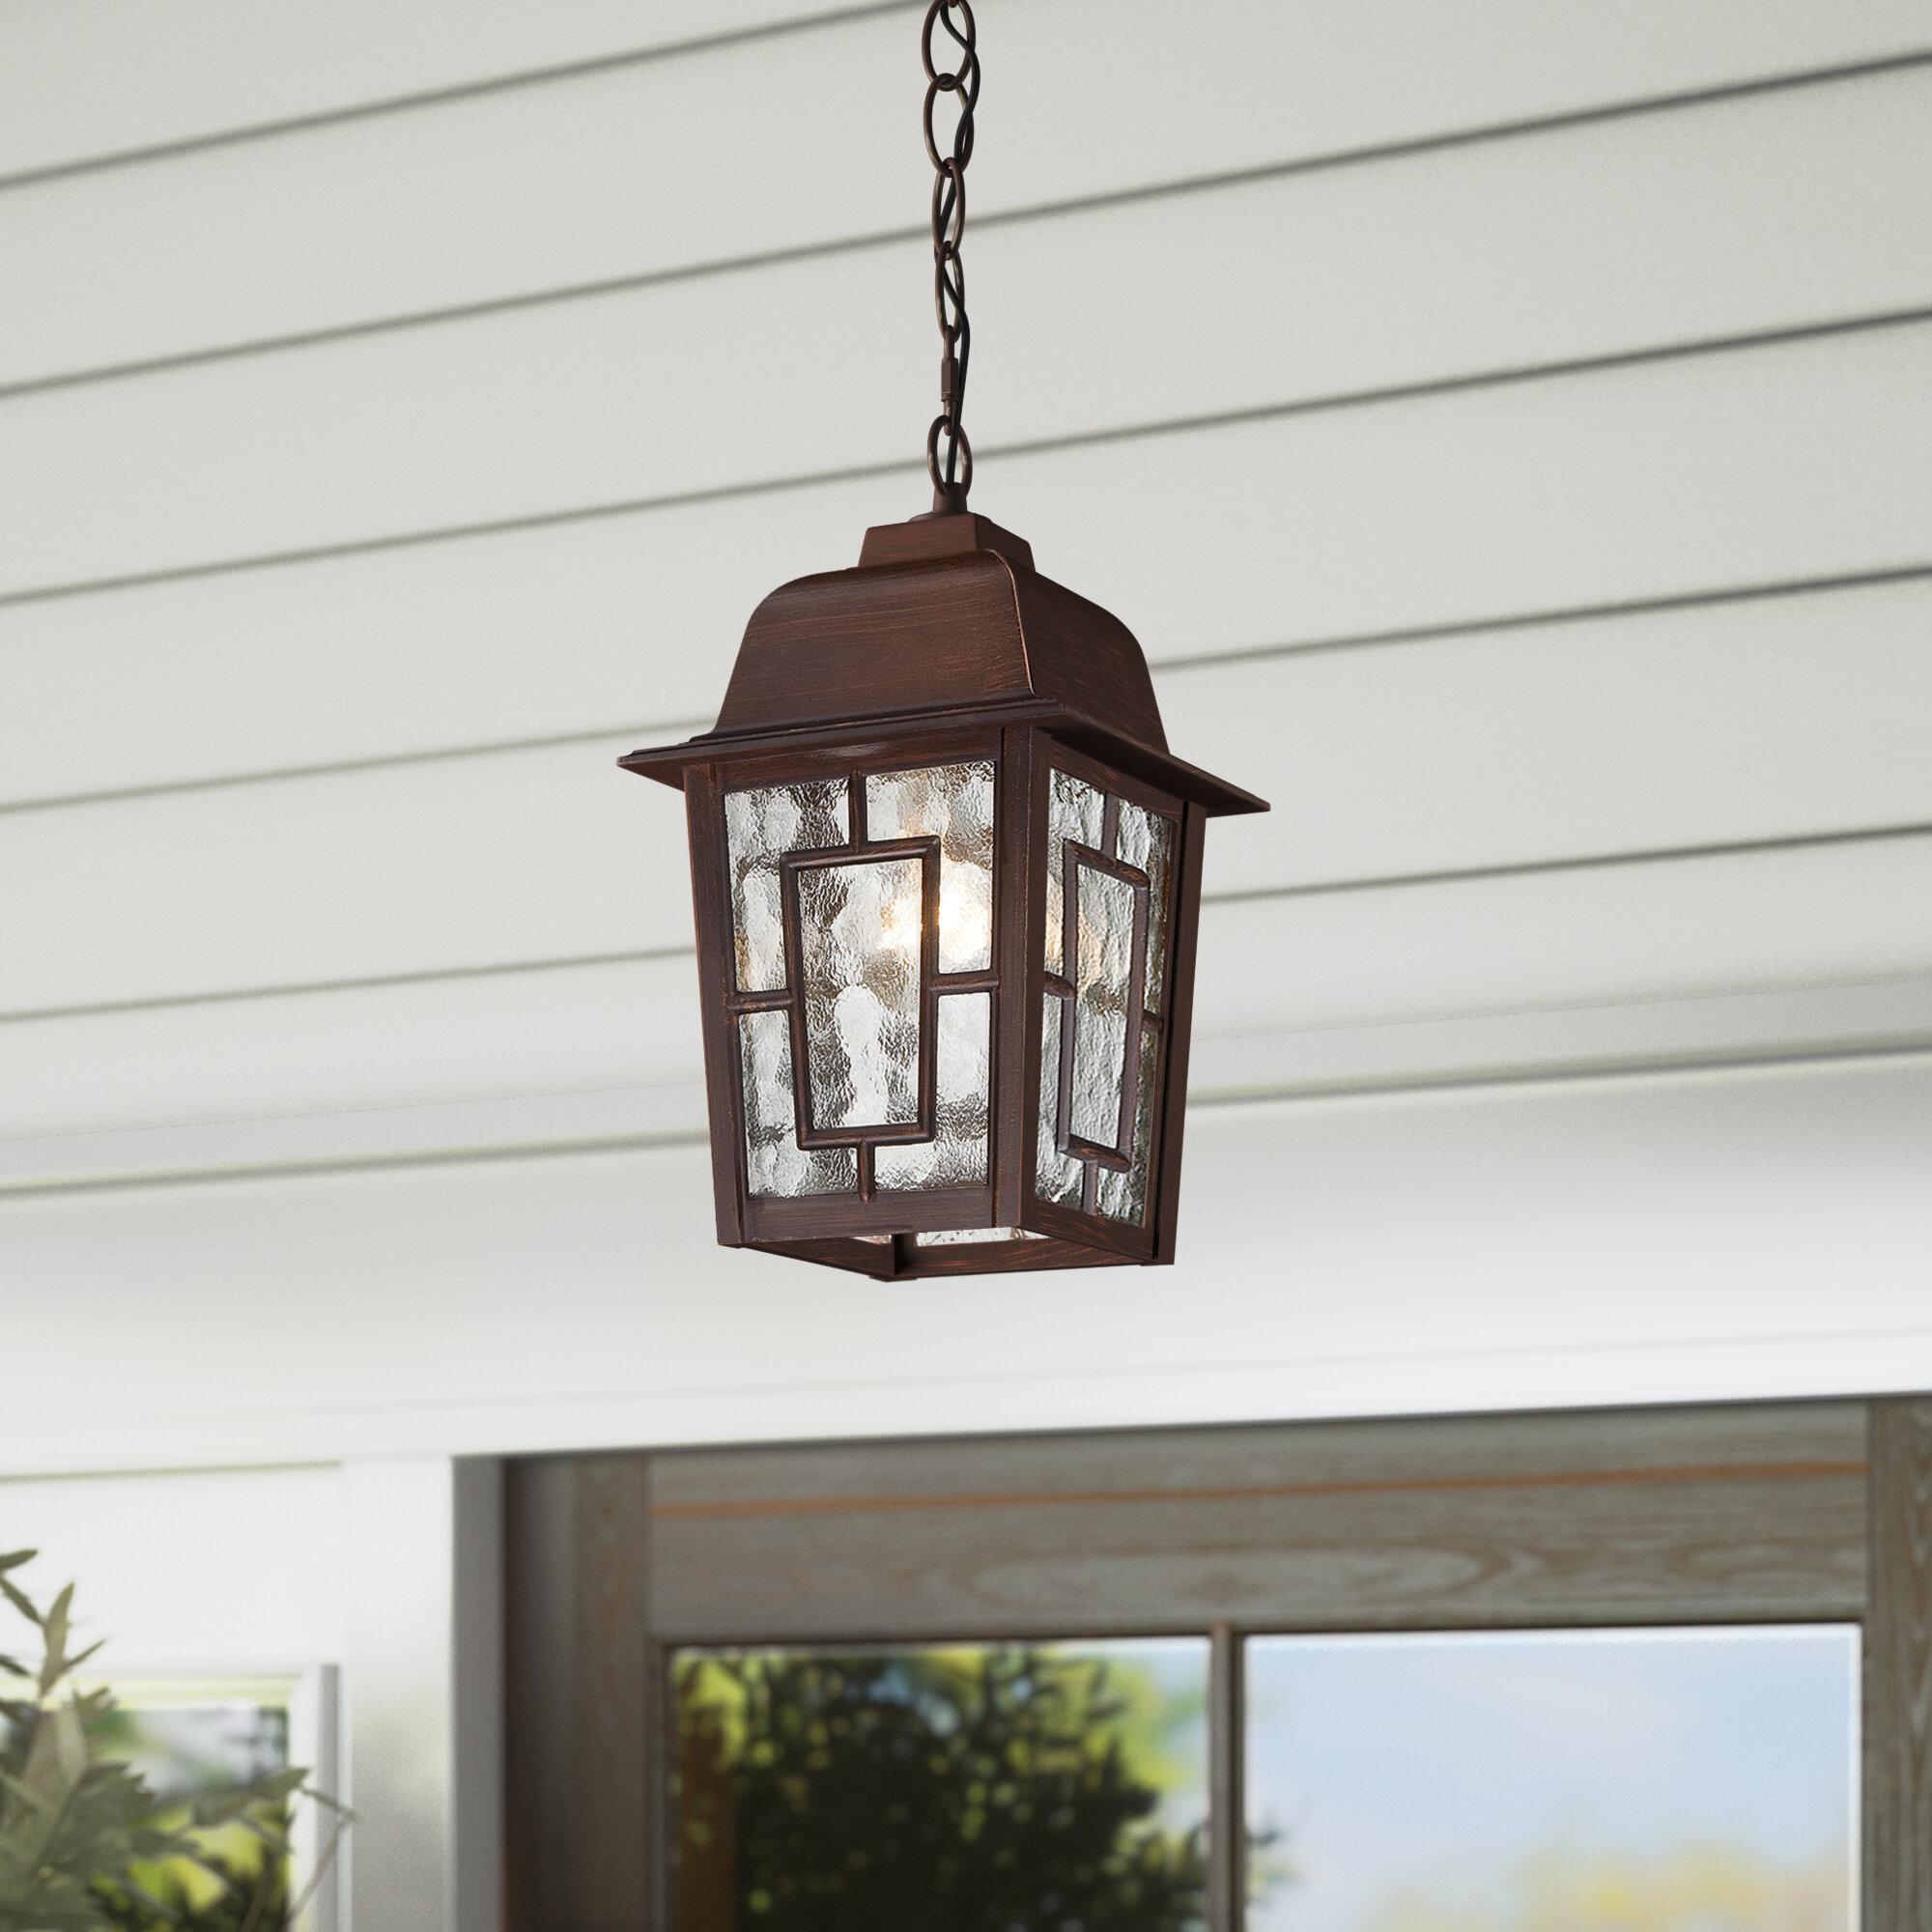 Sol 72 Outdoor Payeur 1 Light Hanging Lantern